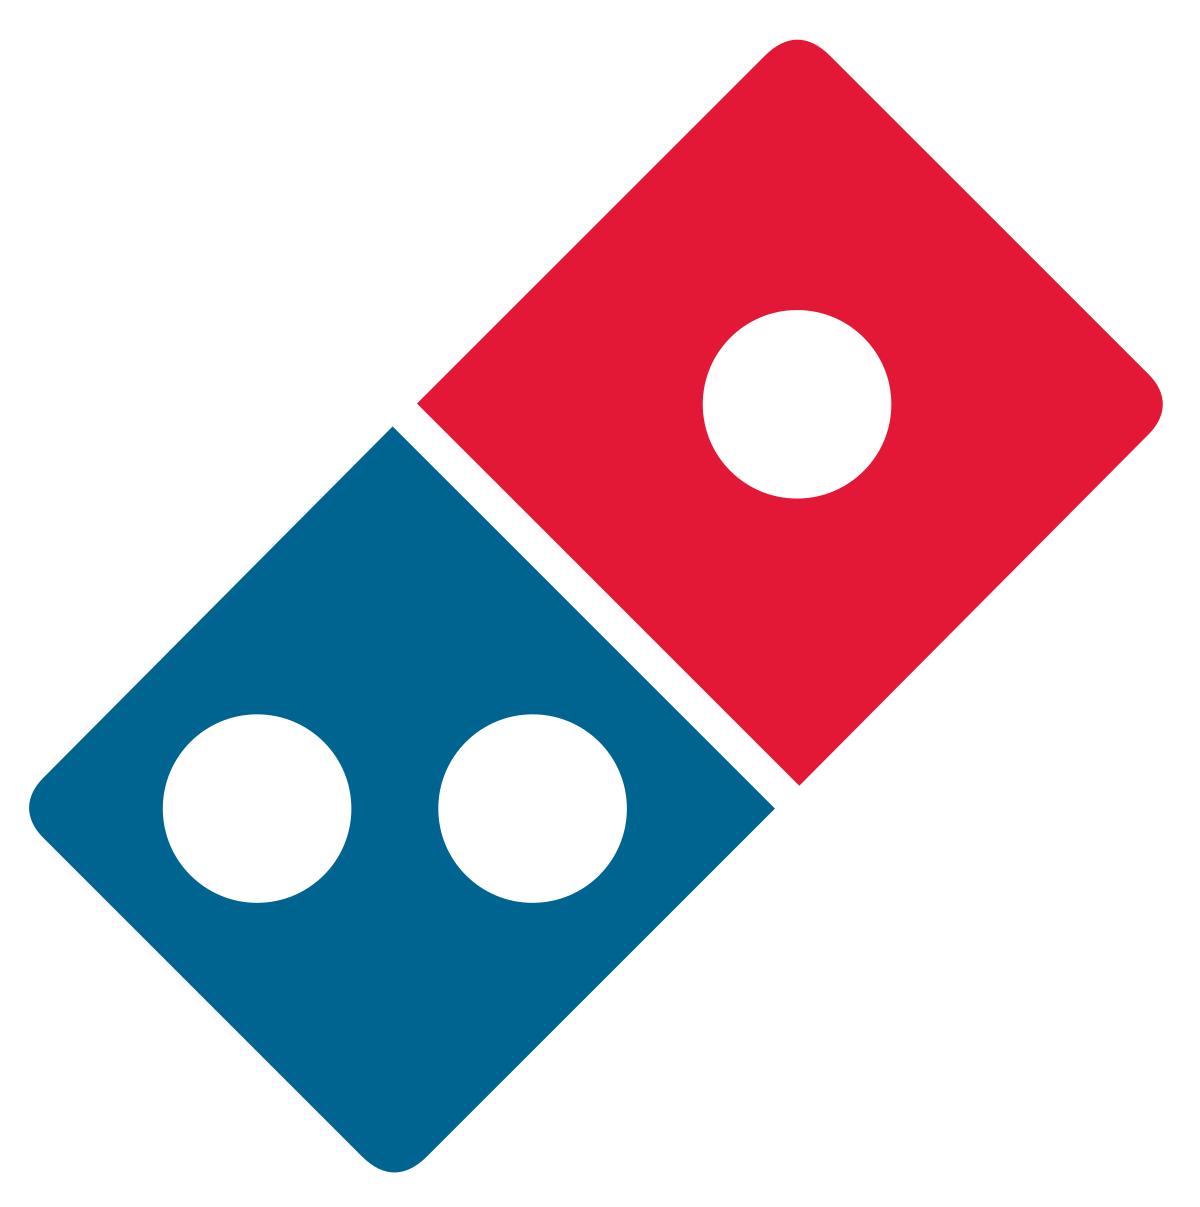 Dominos 3 für 2 | Die günstigste Pizza GRATIS